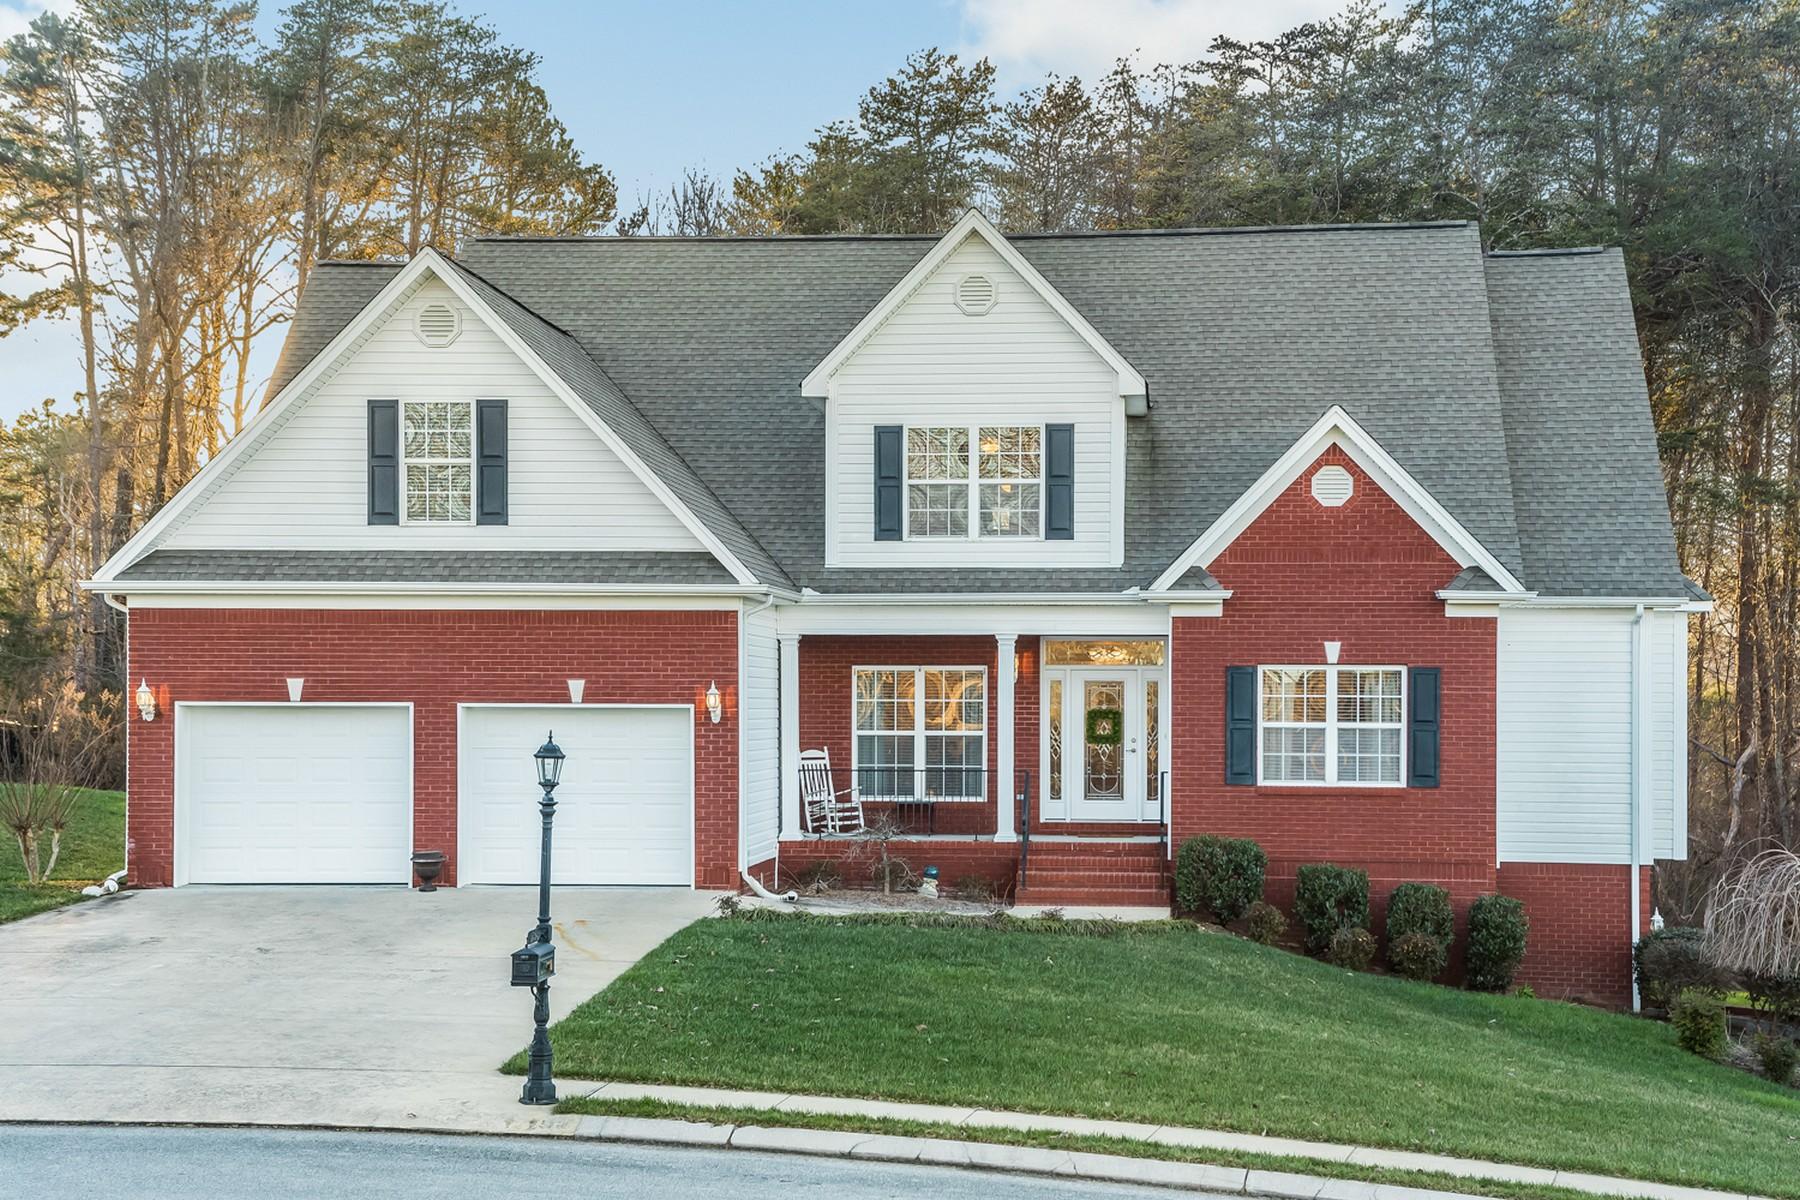 独户住宅 为 销售 在 Lennox Pointe Traditional 12373 Nee Cee Drive Soddy Daisy, 田纳西州 37379 美国